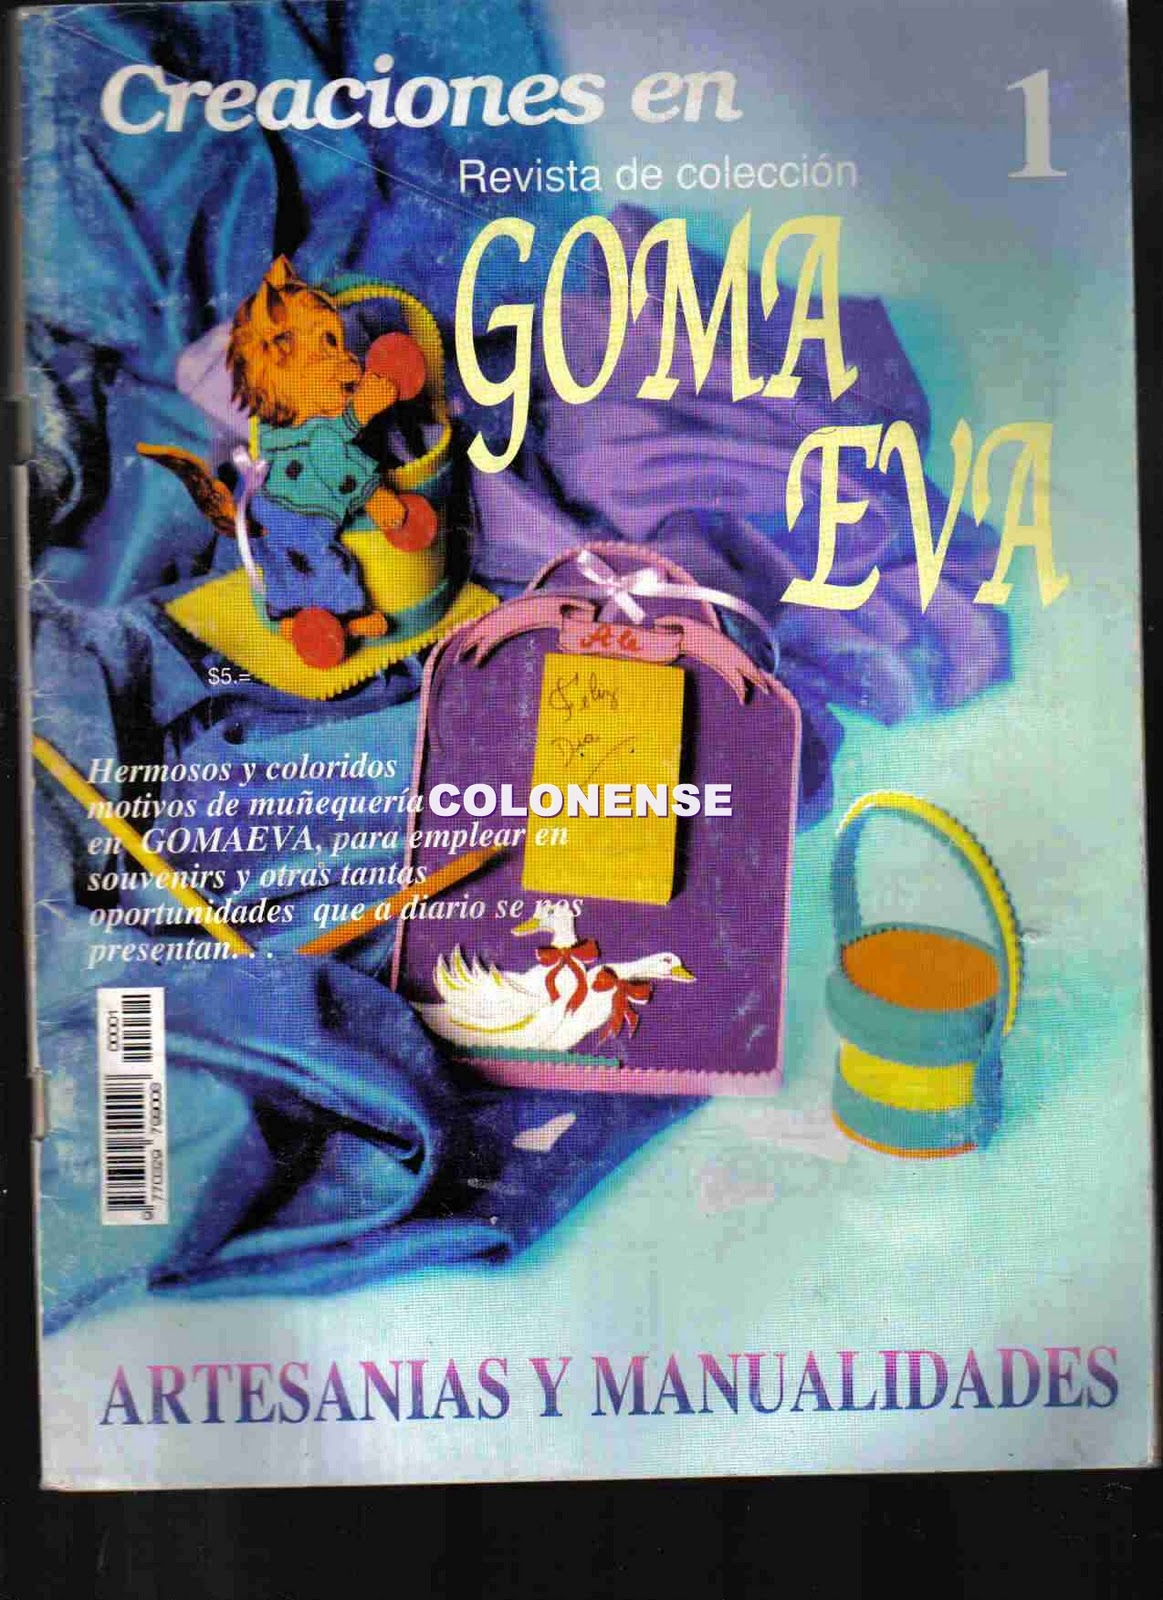 Revista: Creaciones en Goma Eva (Revista de colección)